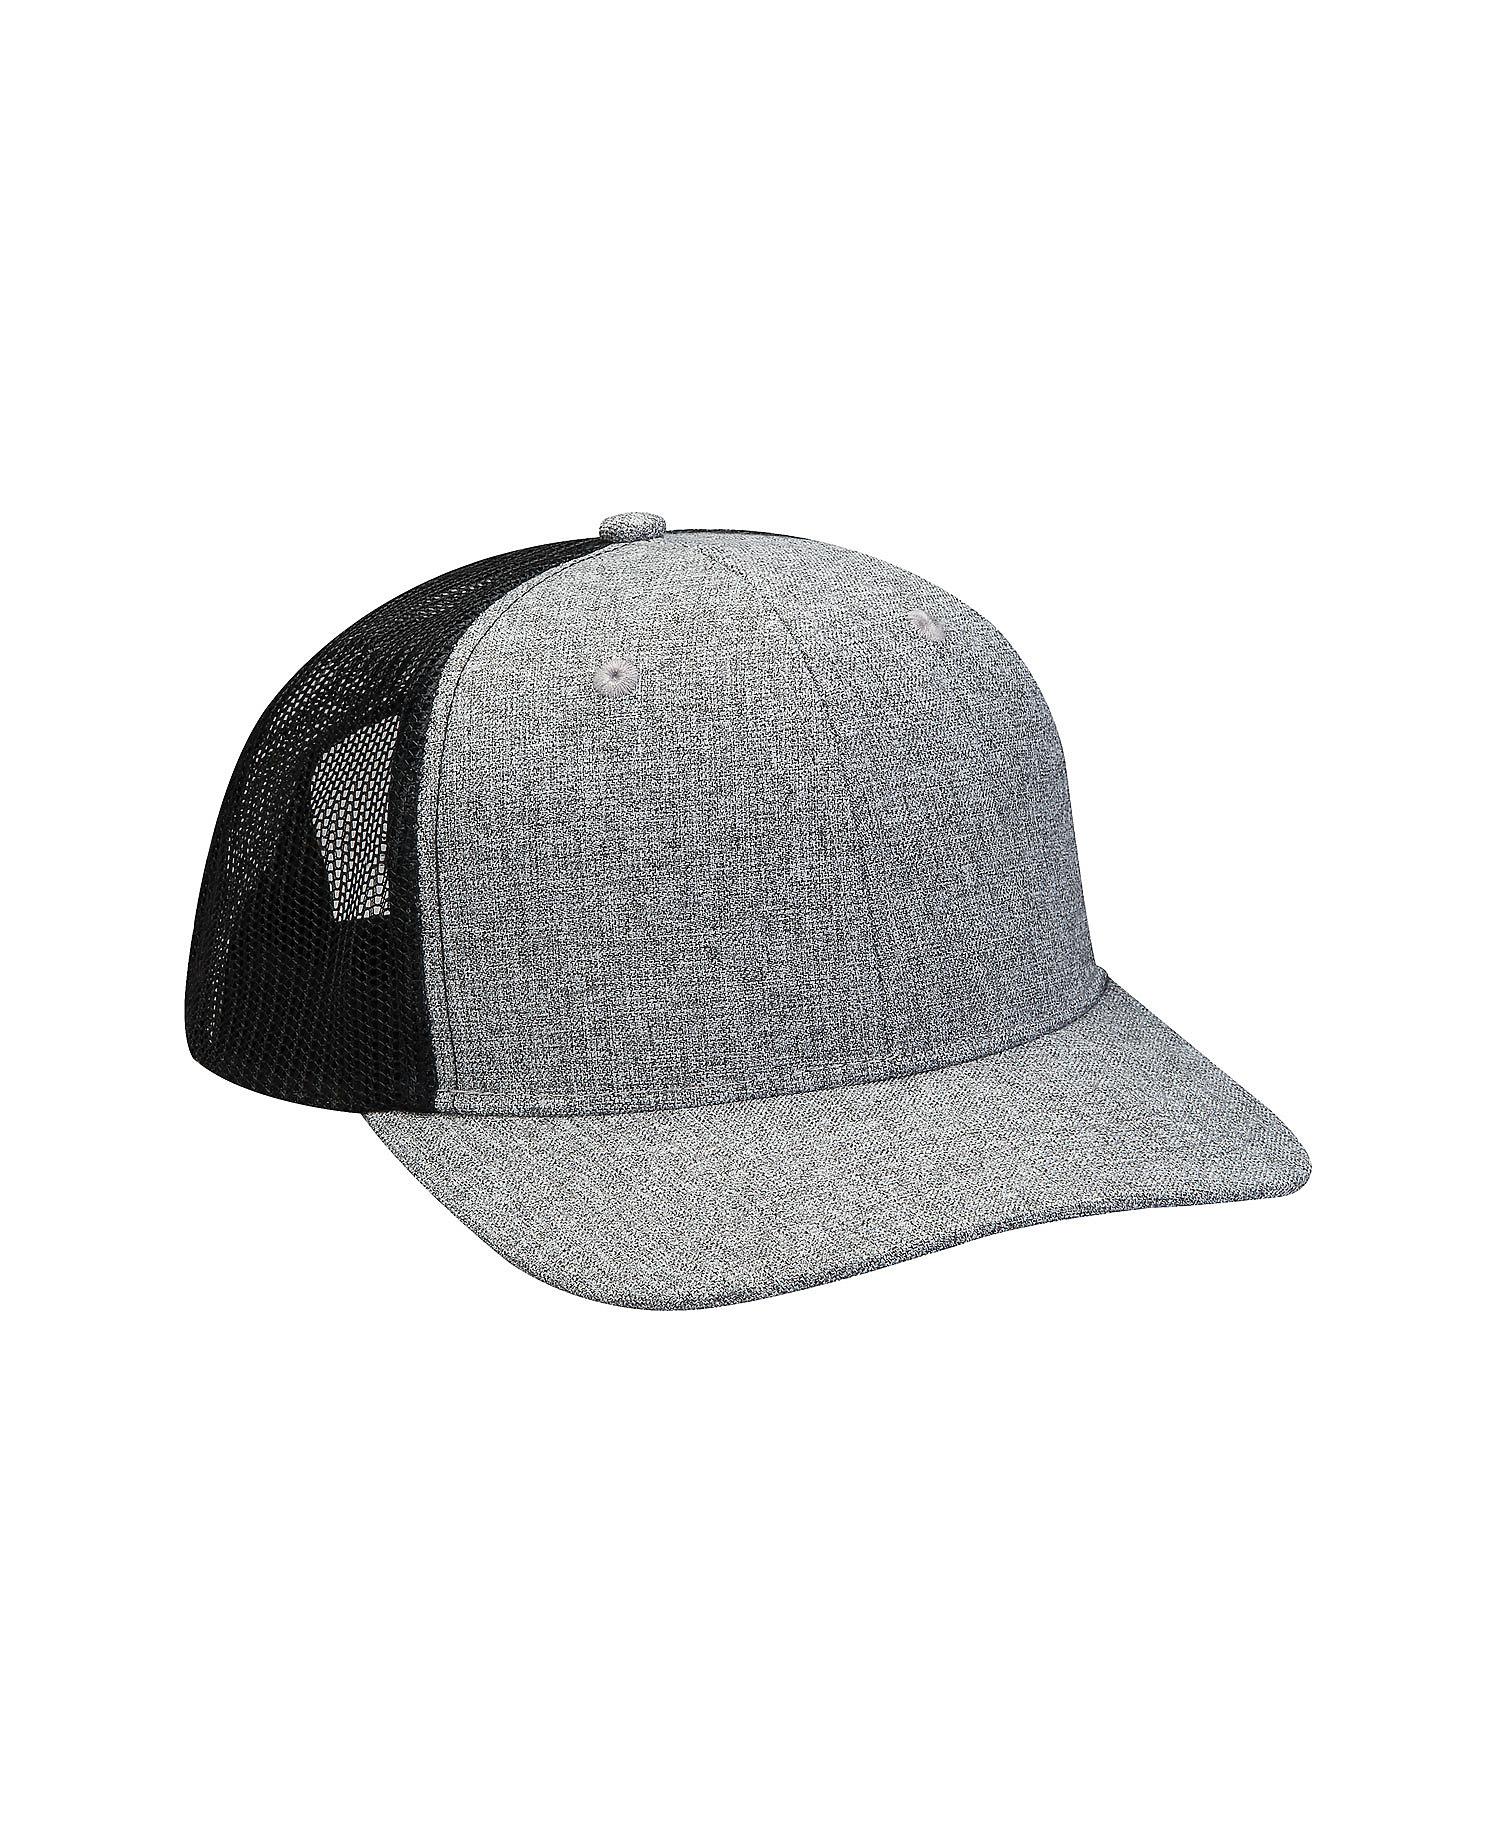 Adams Caps PV102 - Premier Cap